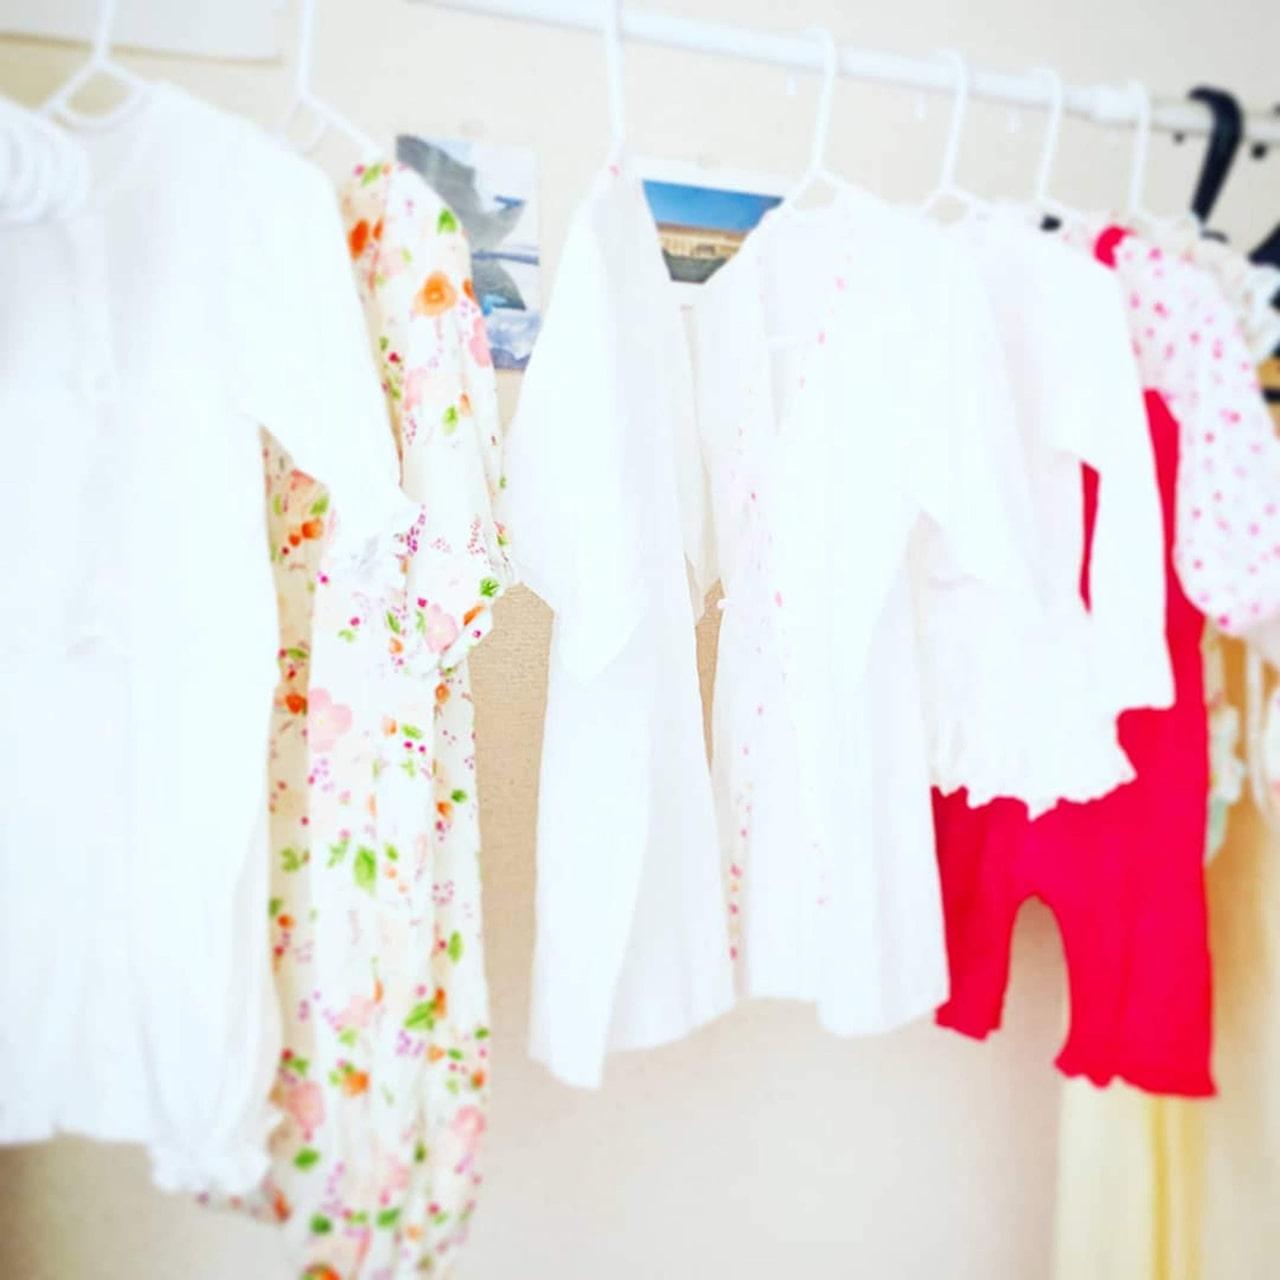 【#世界一幸せな洗濯】赤ちゃんベビー服のお水通しの方法を紹介。